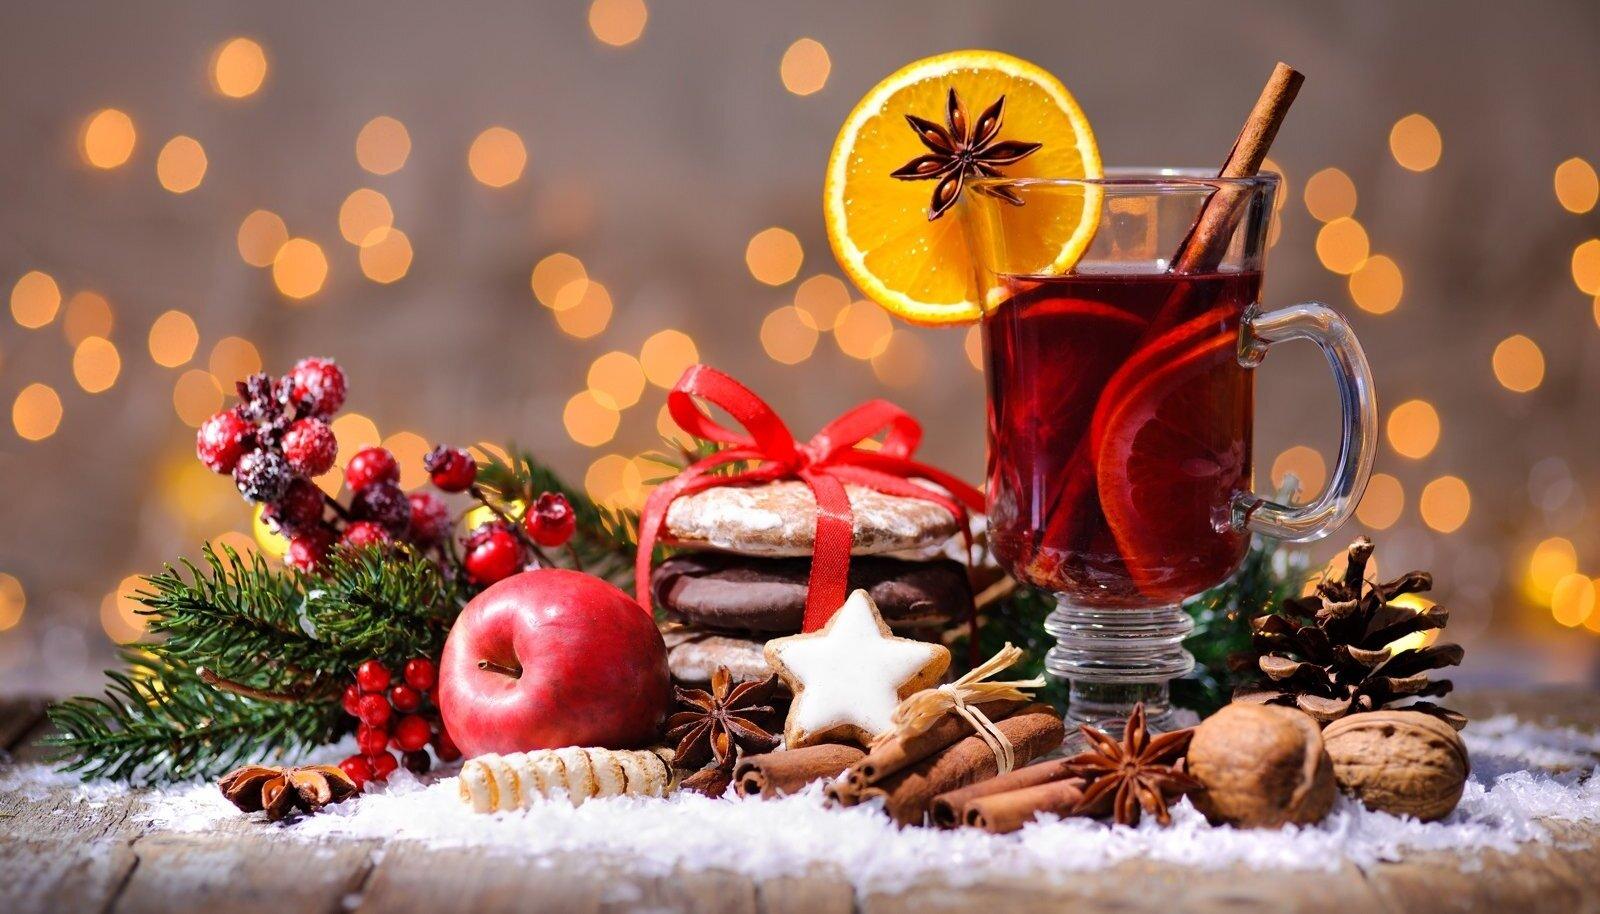 Jõulutraditsiooni juurde kuuluvad omapärased vürtsid, mis annavad pühadele tuttavat lõhna ja maitset.